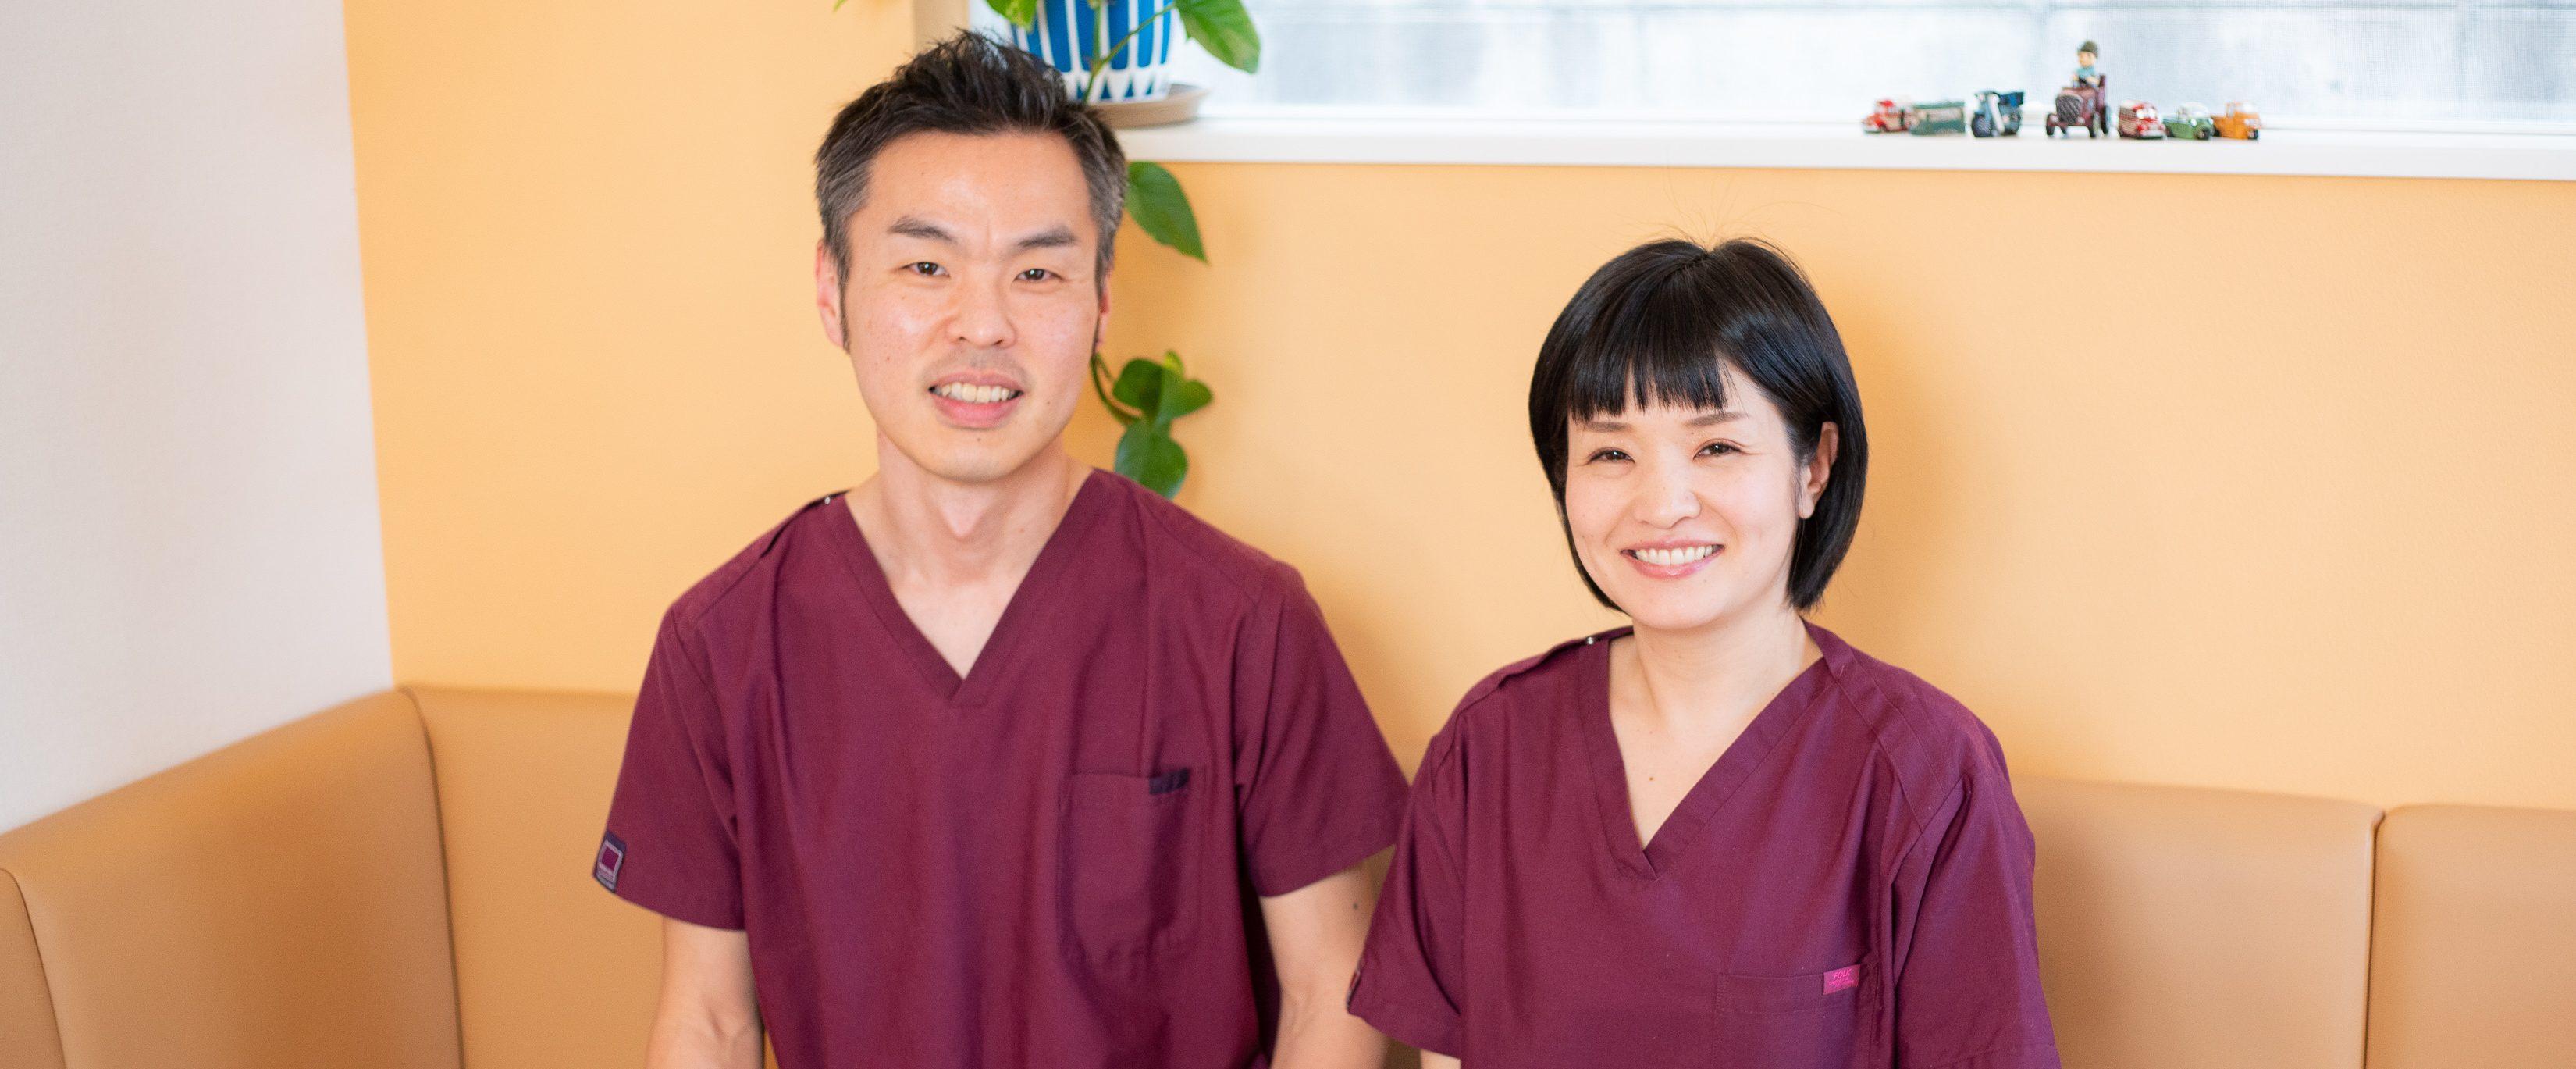 仙台市若林区で不妊鍼灸施術なら、おきの鍼灸整骨院へ